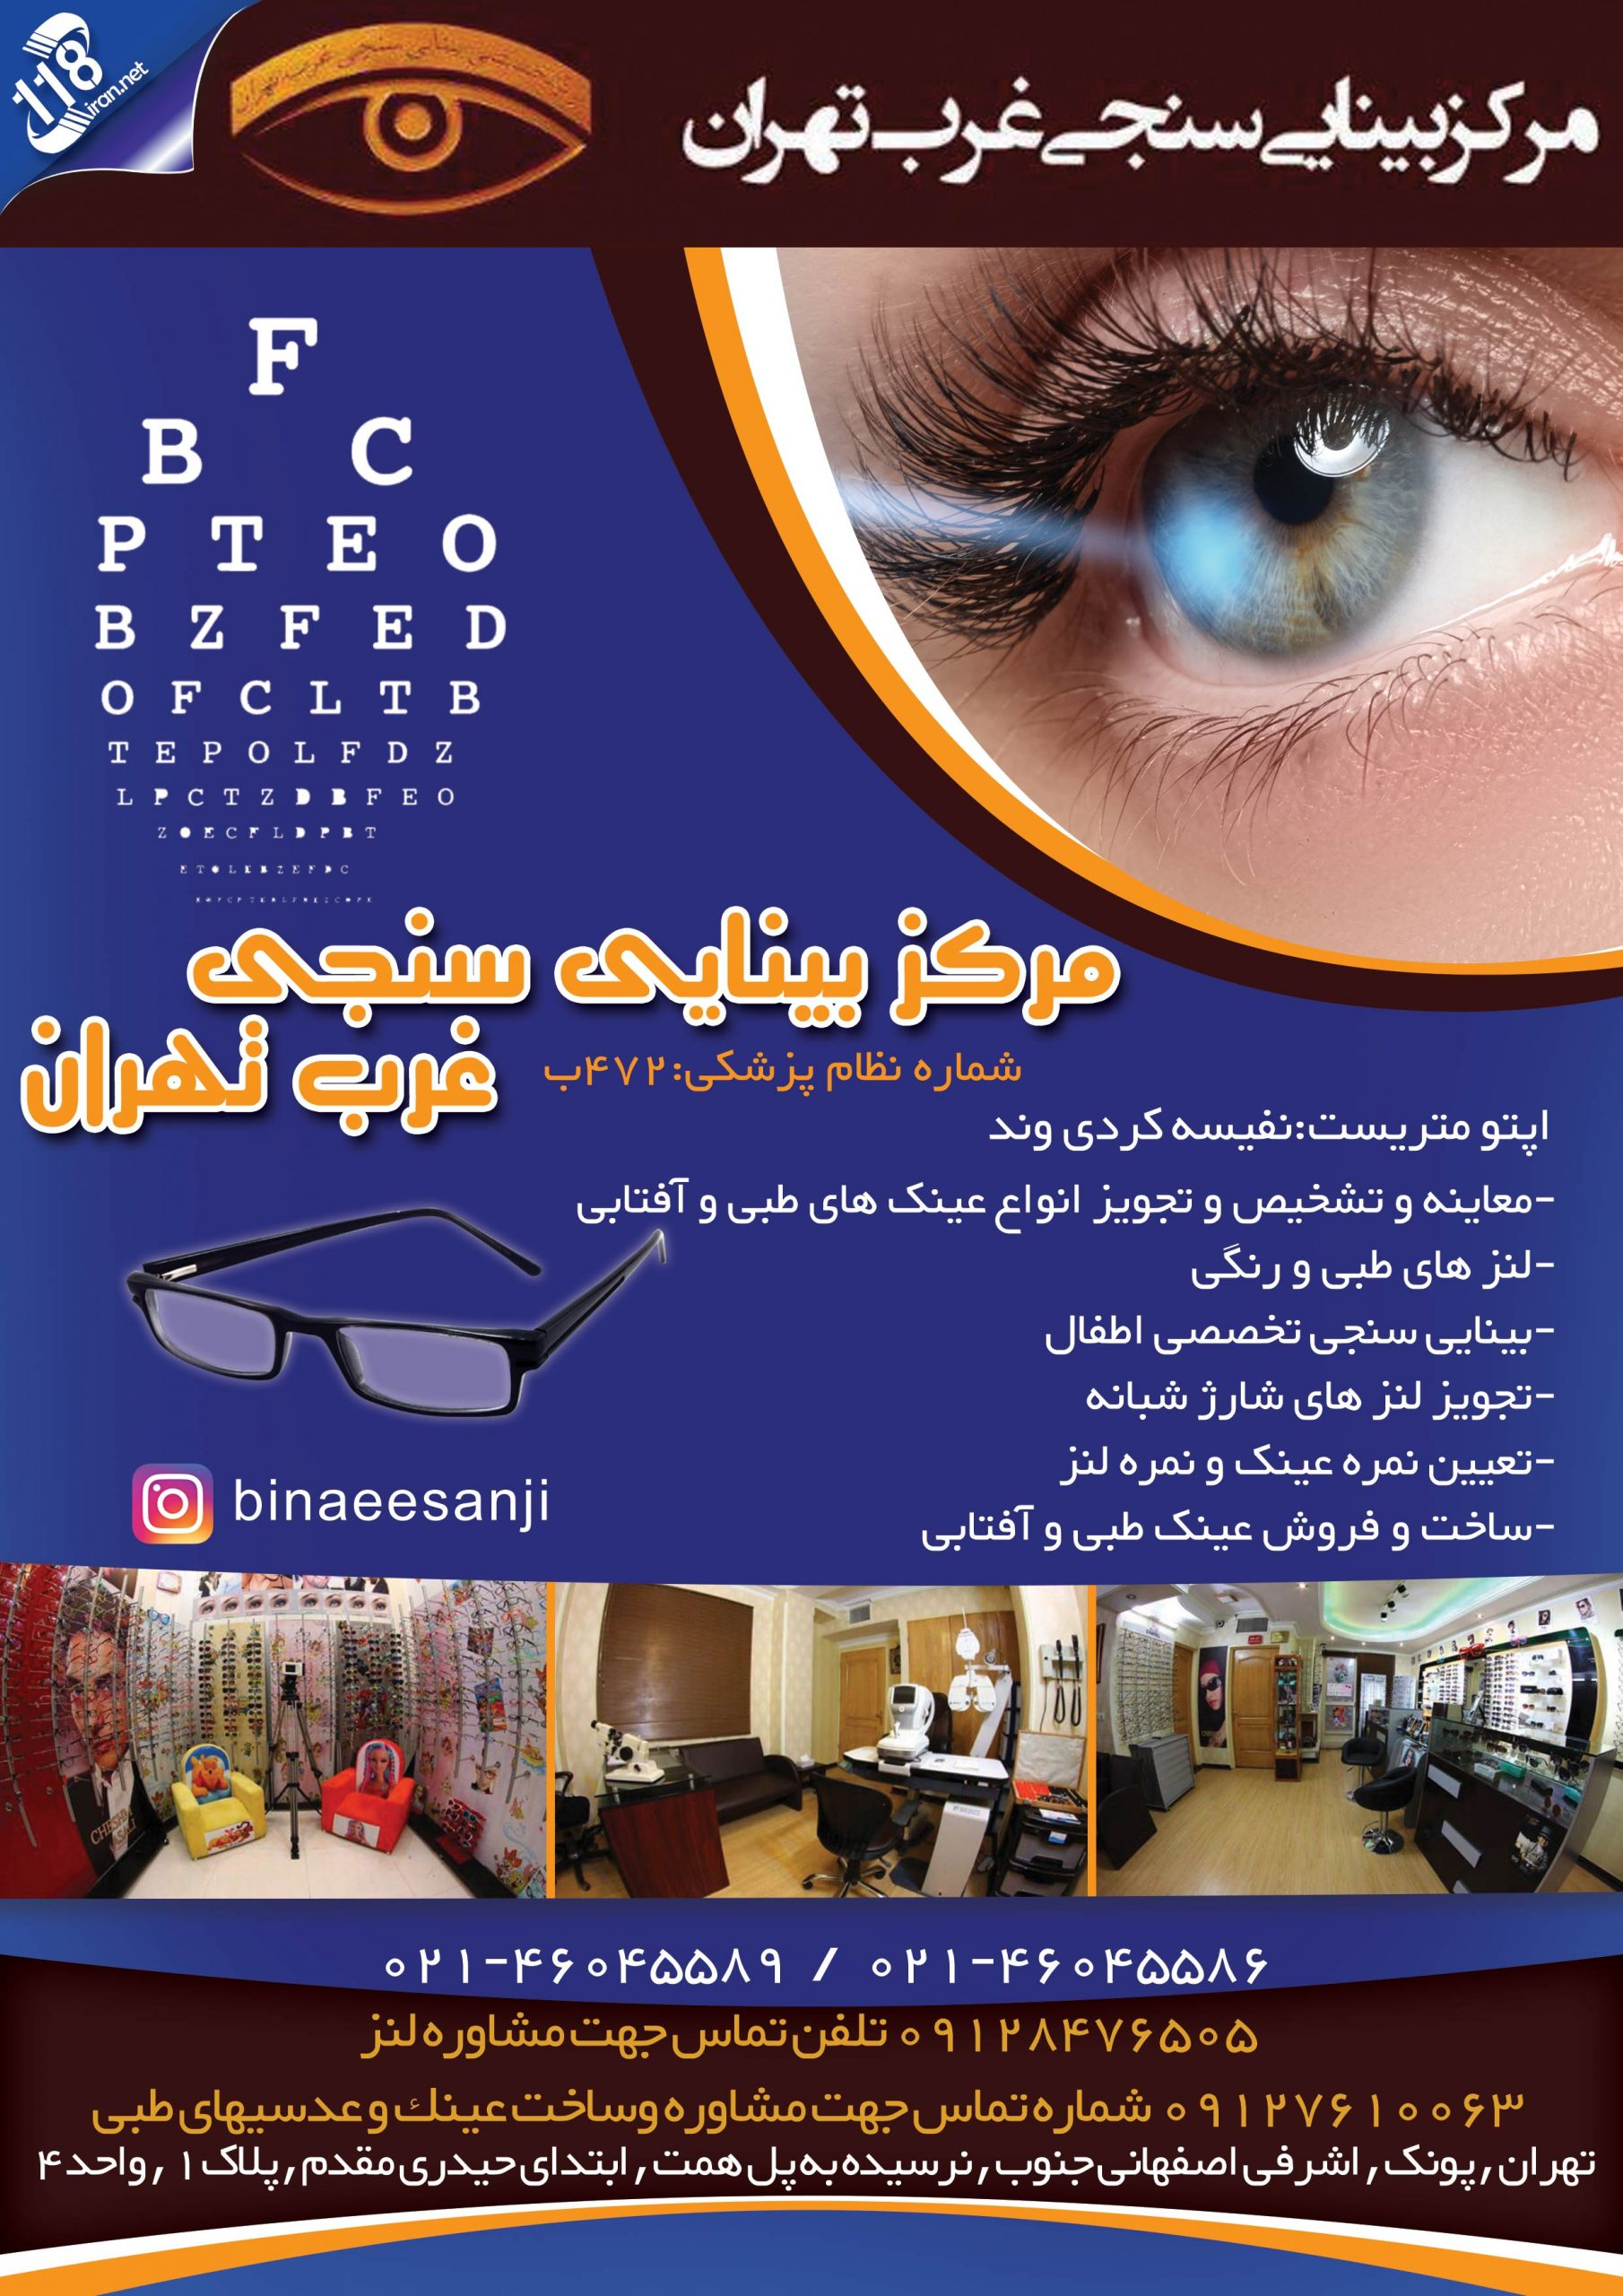 مرکز بینایی سنجی